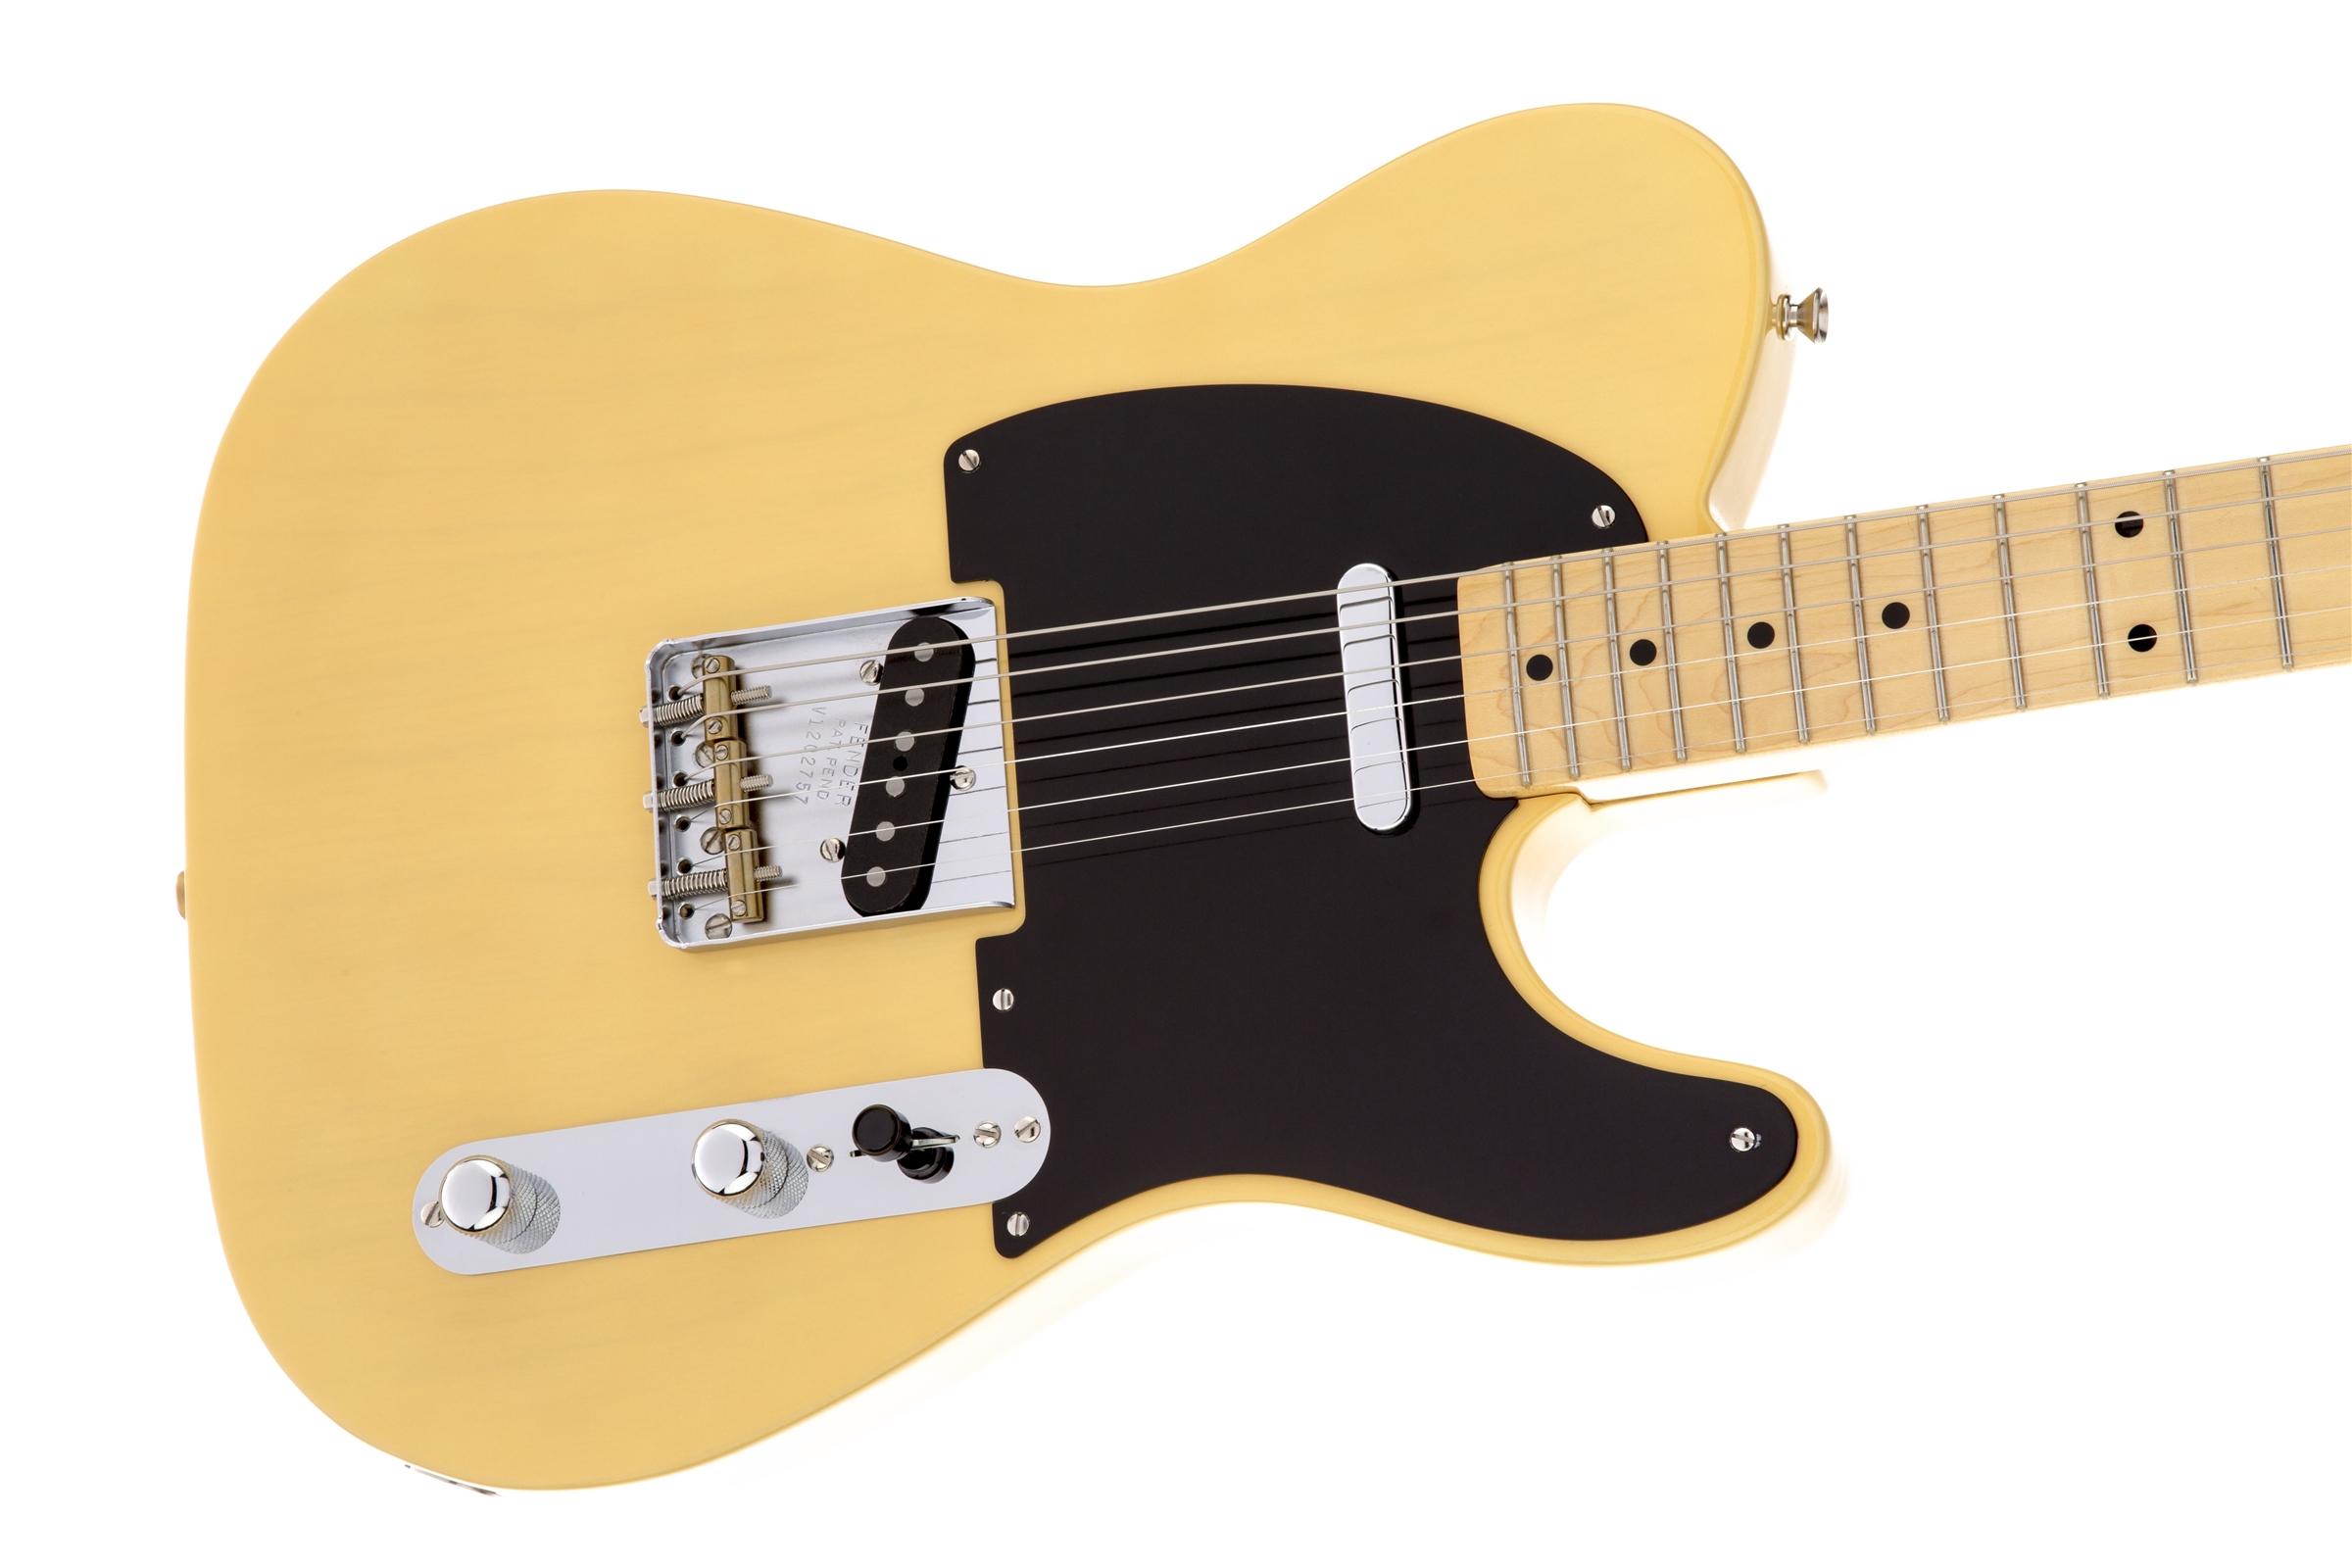 american vintage 39 52 telecaster electric guitars. Black Bedroom Furniture Sets. Home Design Ideas